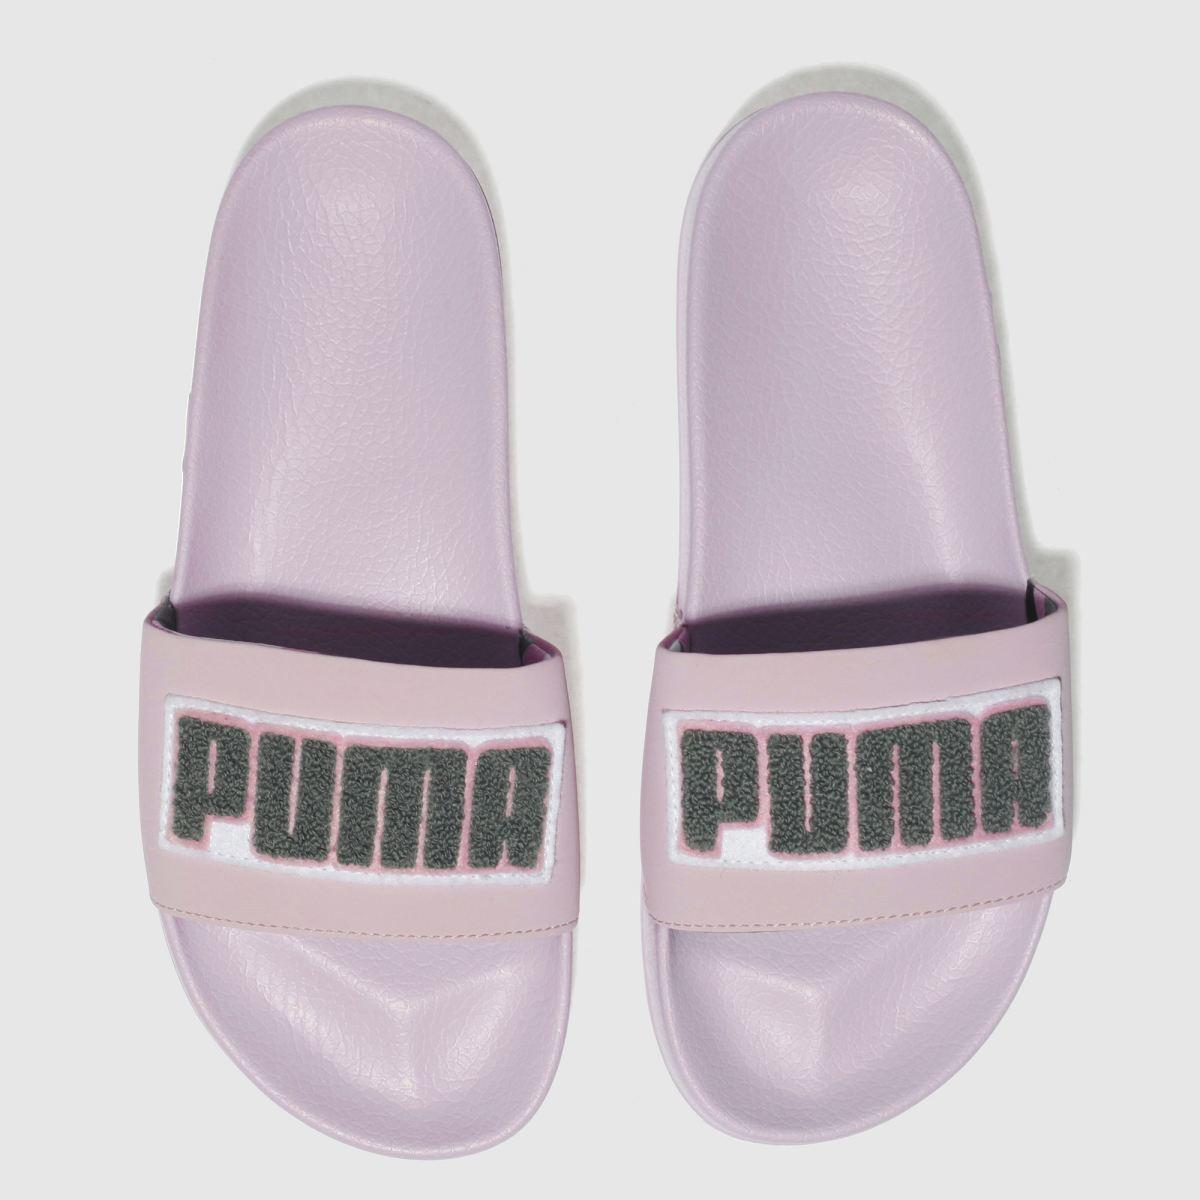 Puma Pale Pink Leadcat Nsk Sandals